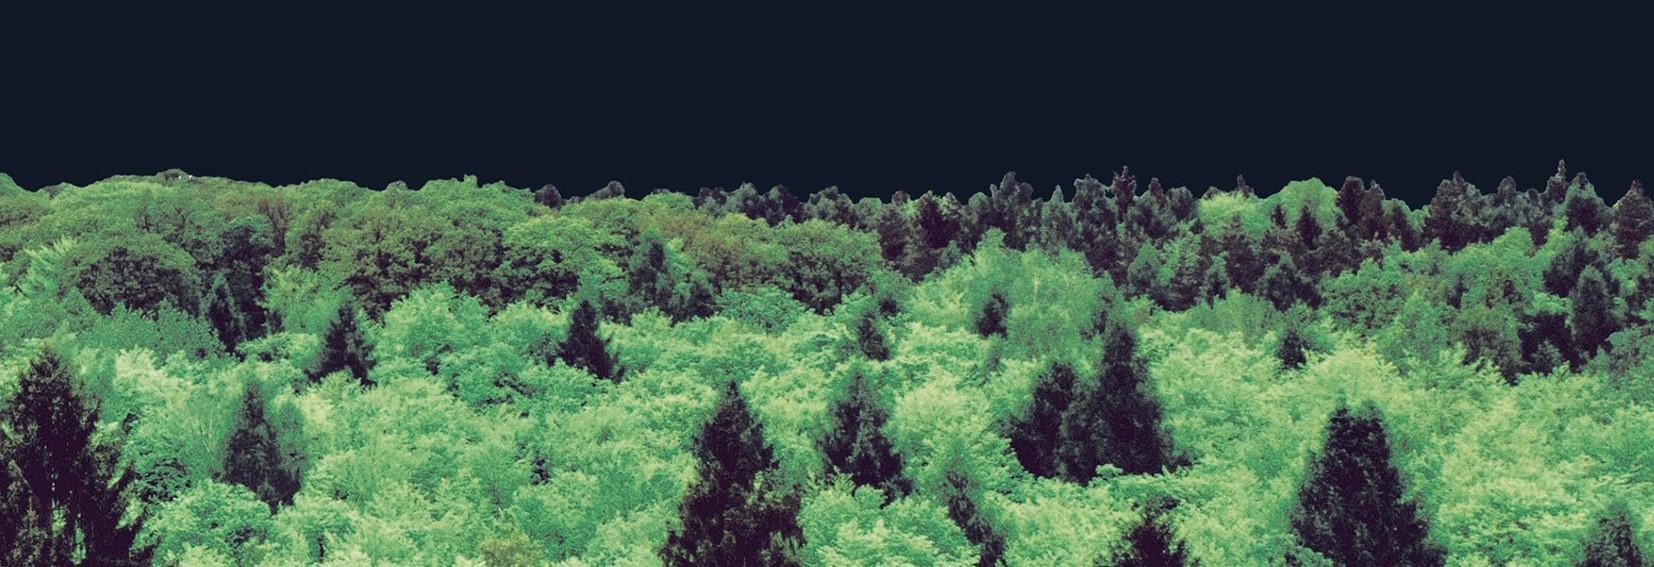 Forst Marktbericht 2021